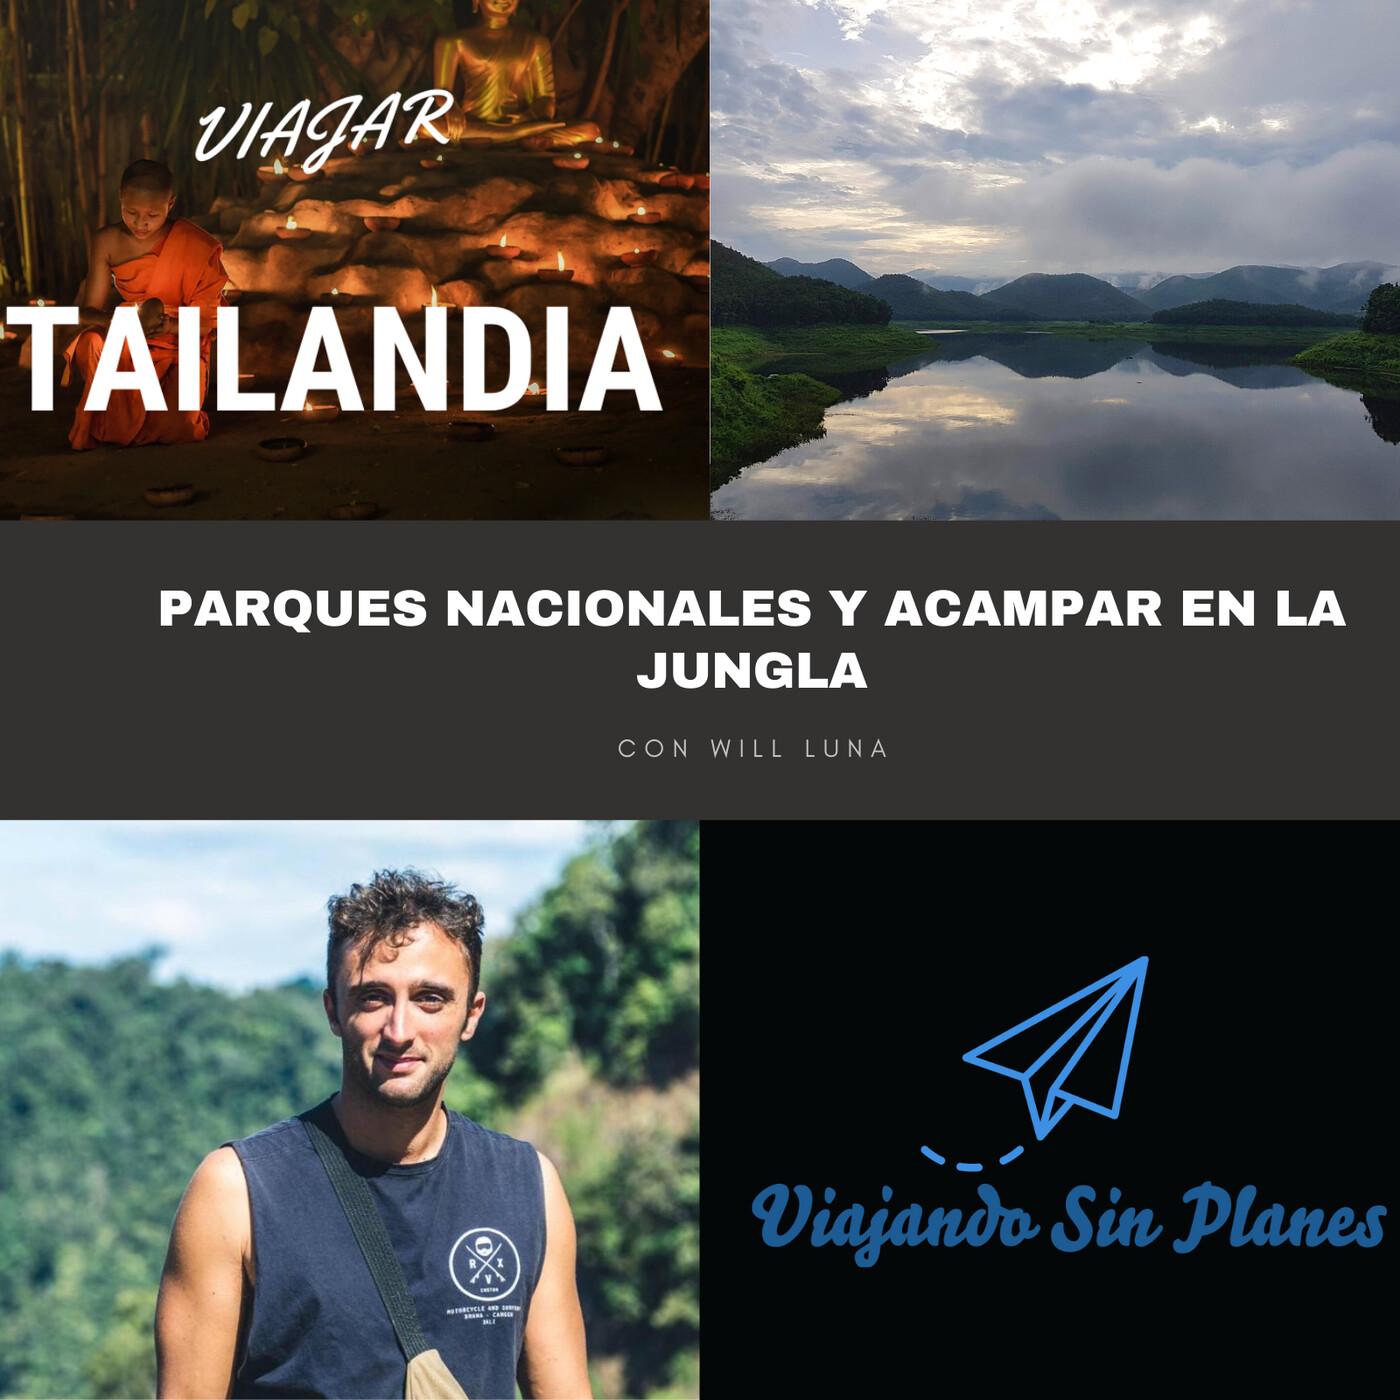 #147 Parques nacionales en TAILANDIA y acampar en la jungla